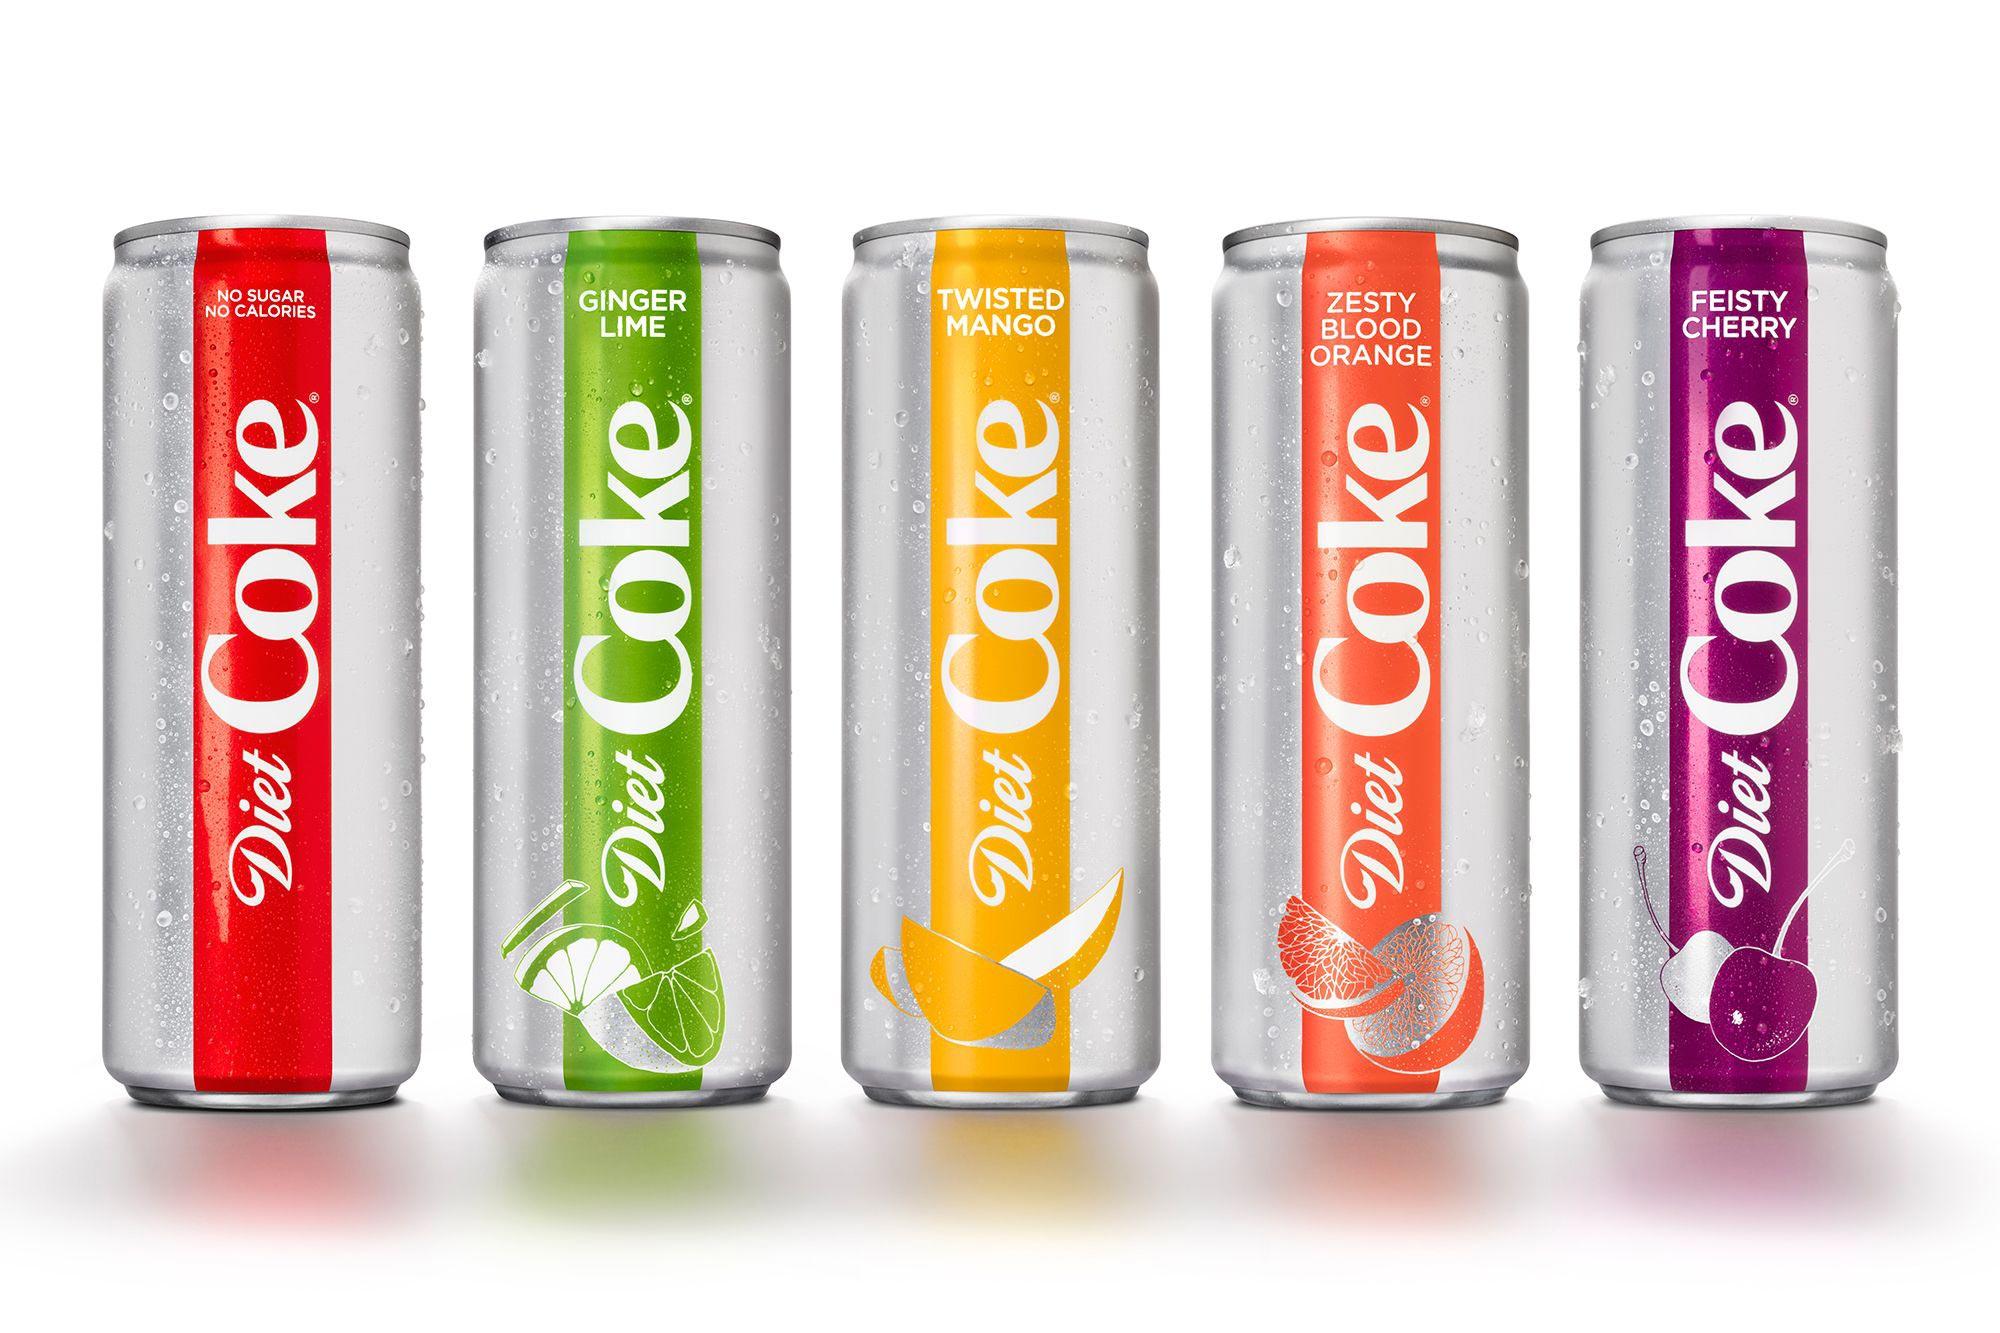 diet_coke_rediseño y nuevos sabores usa loqueva (1)